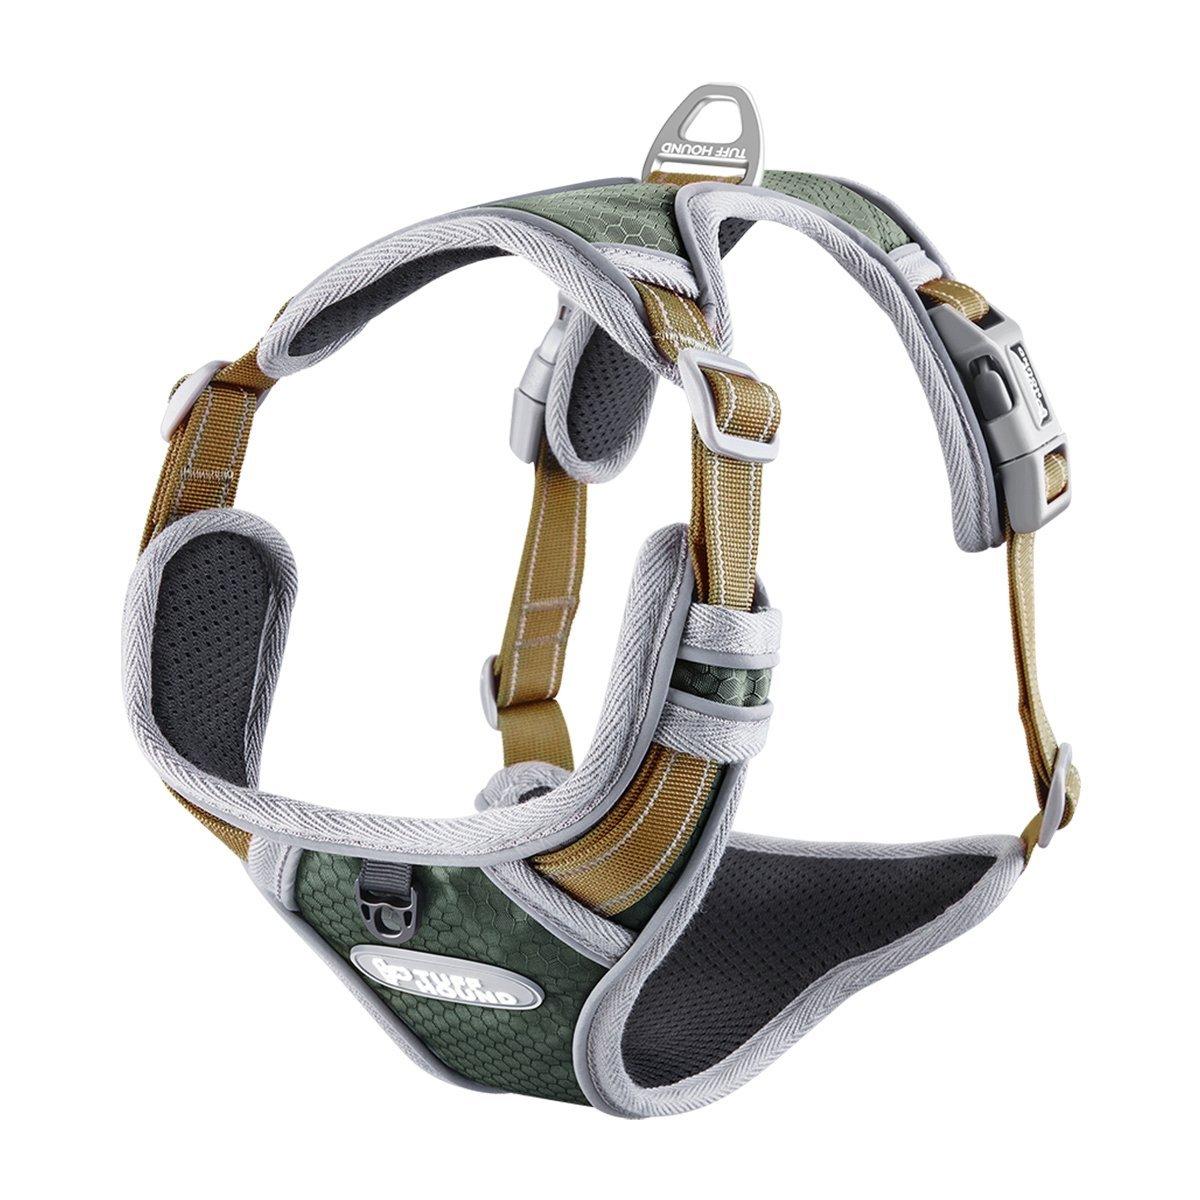 Tama/ño S 38-52CM Louvra Arnes del Perro Collar Correa La Manija Adjustable de Nylon 3M Reflectante para Realizar el Servicio Aire Libre a Prevenir La Ruptura Color Verde